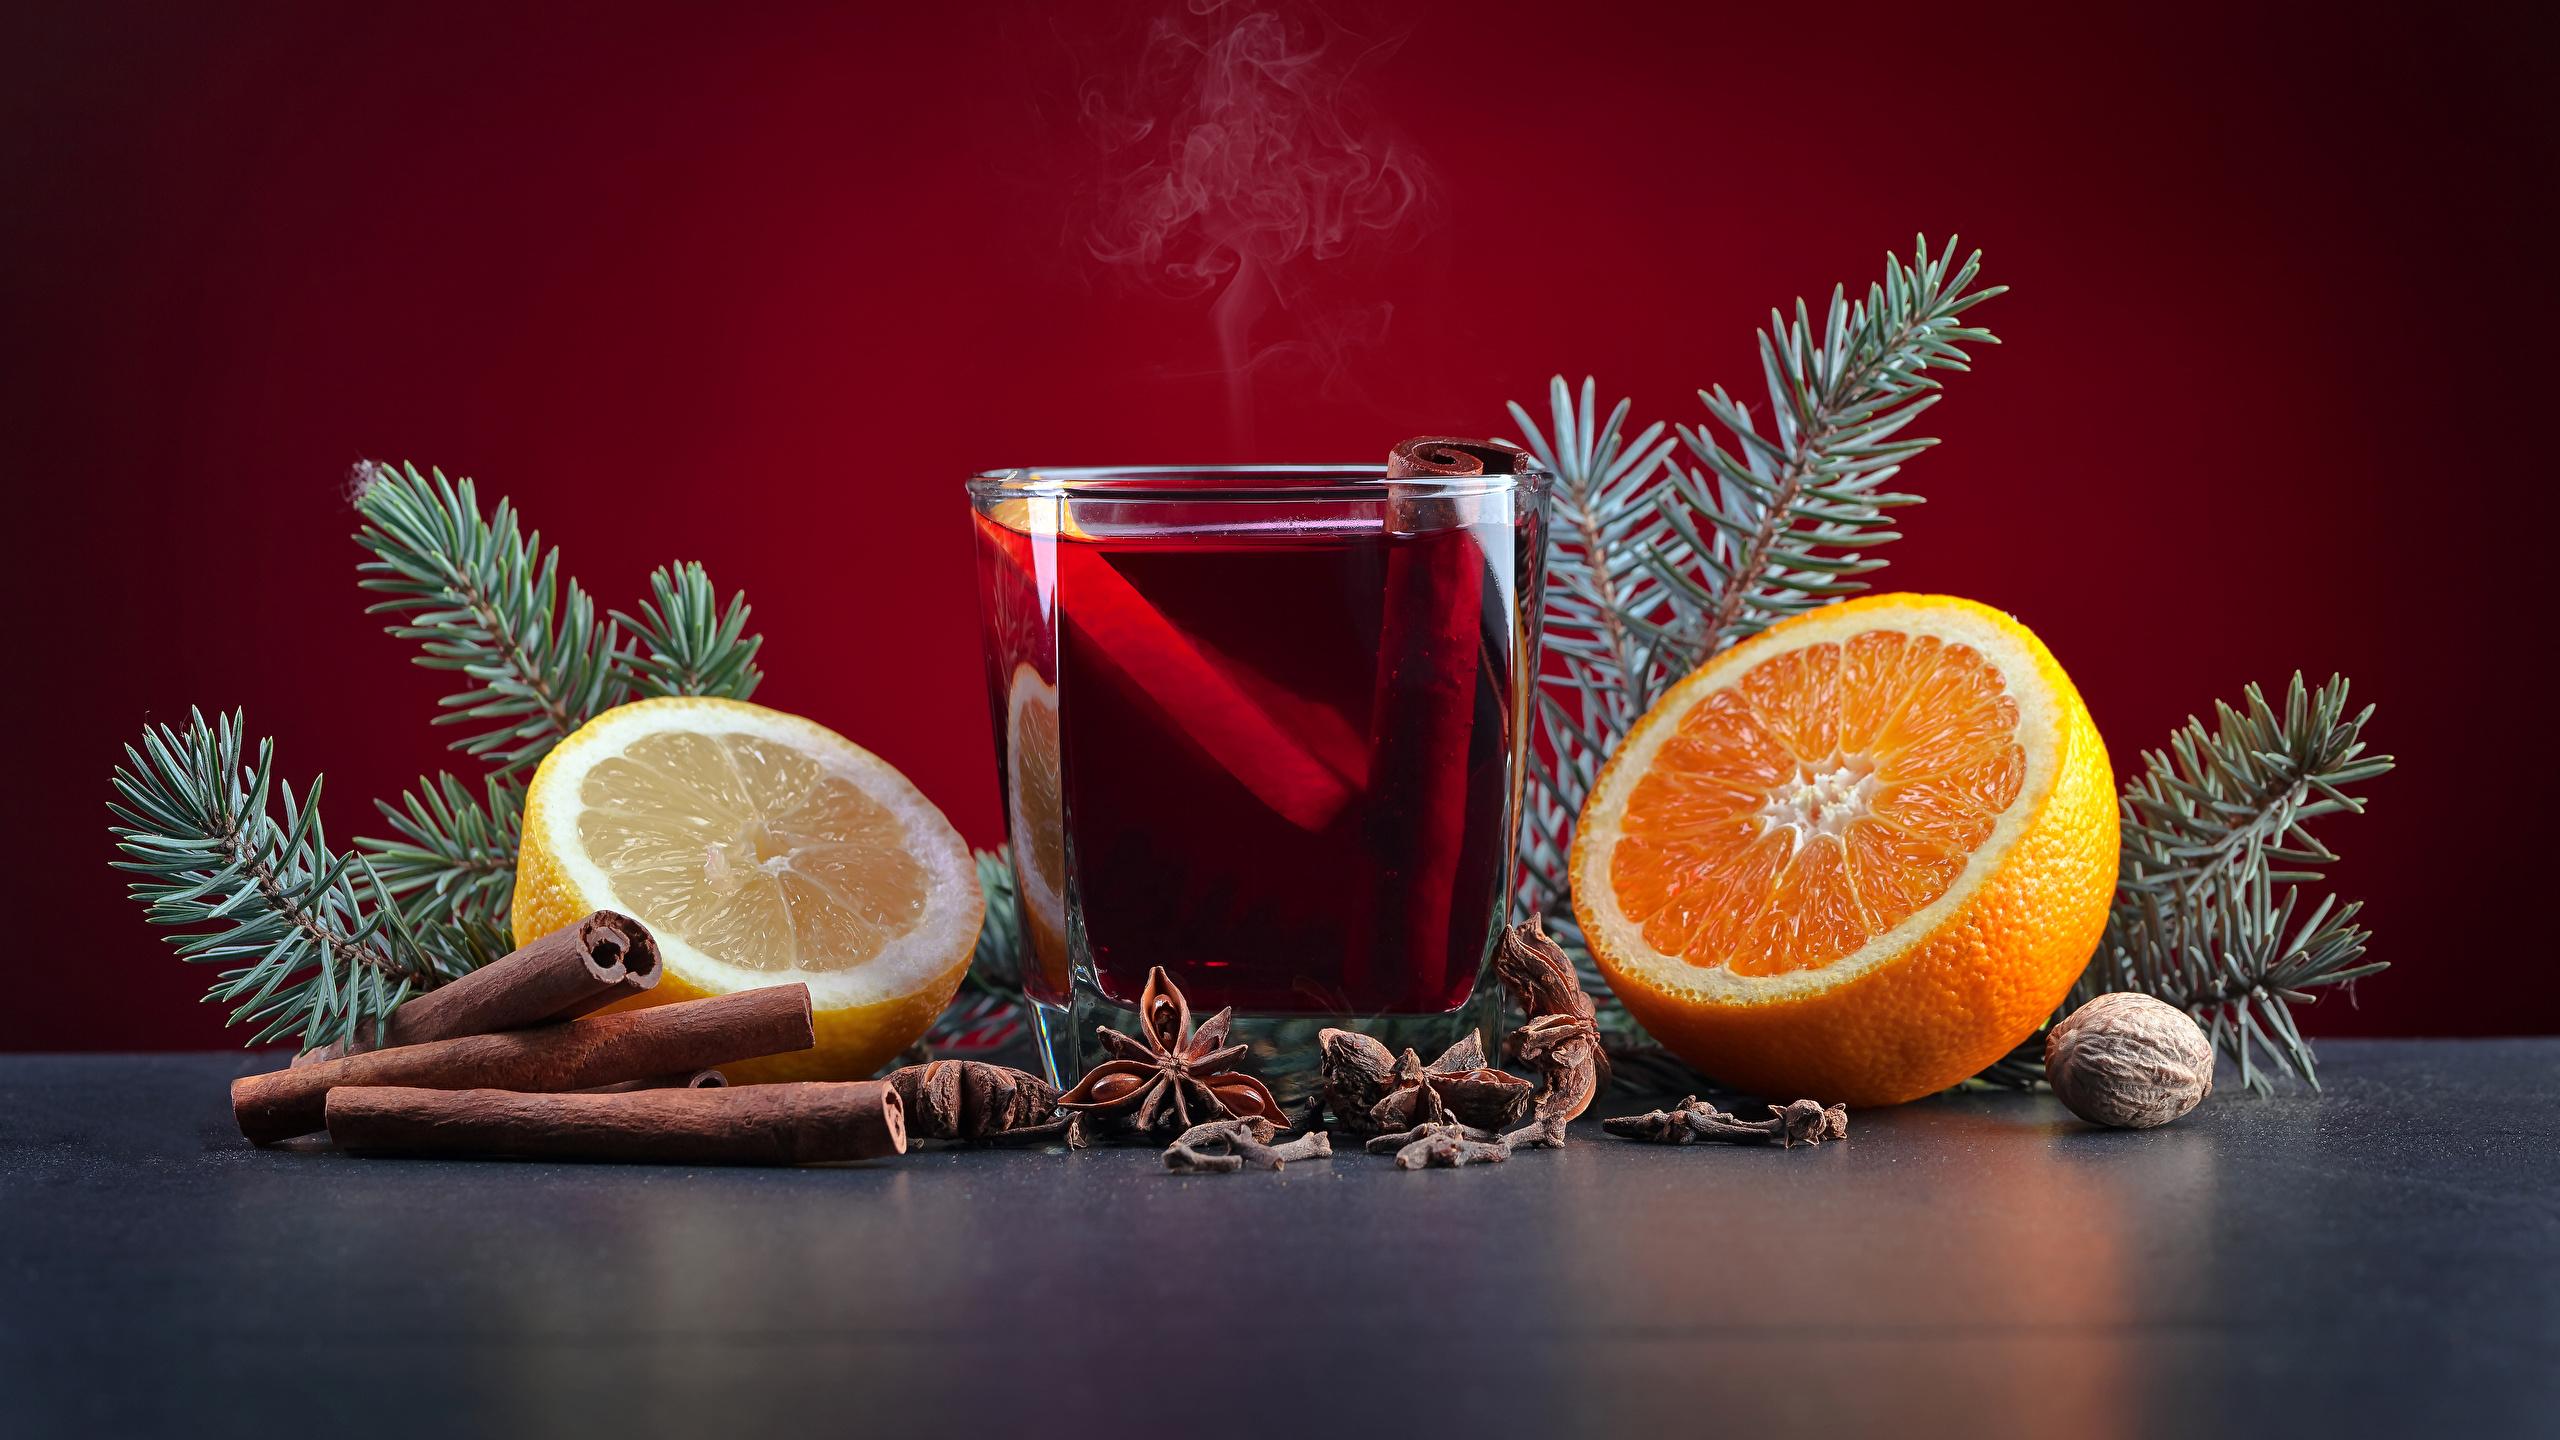 Картинка Новый год Апельсин Бадьян звезда аниса Стакан Лимоны Корица Еда Орехи Напитки 2560x1440 Рождество стакана стакане Пища Продукты питания